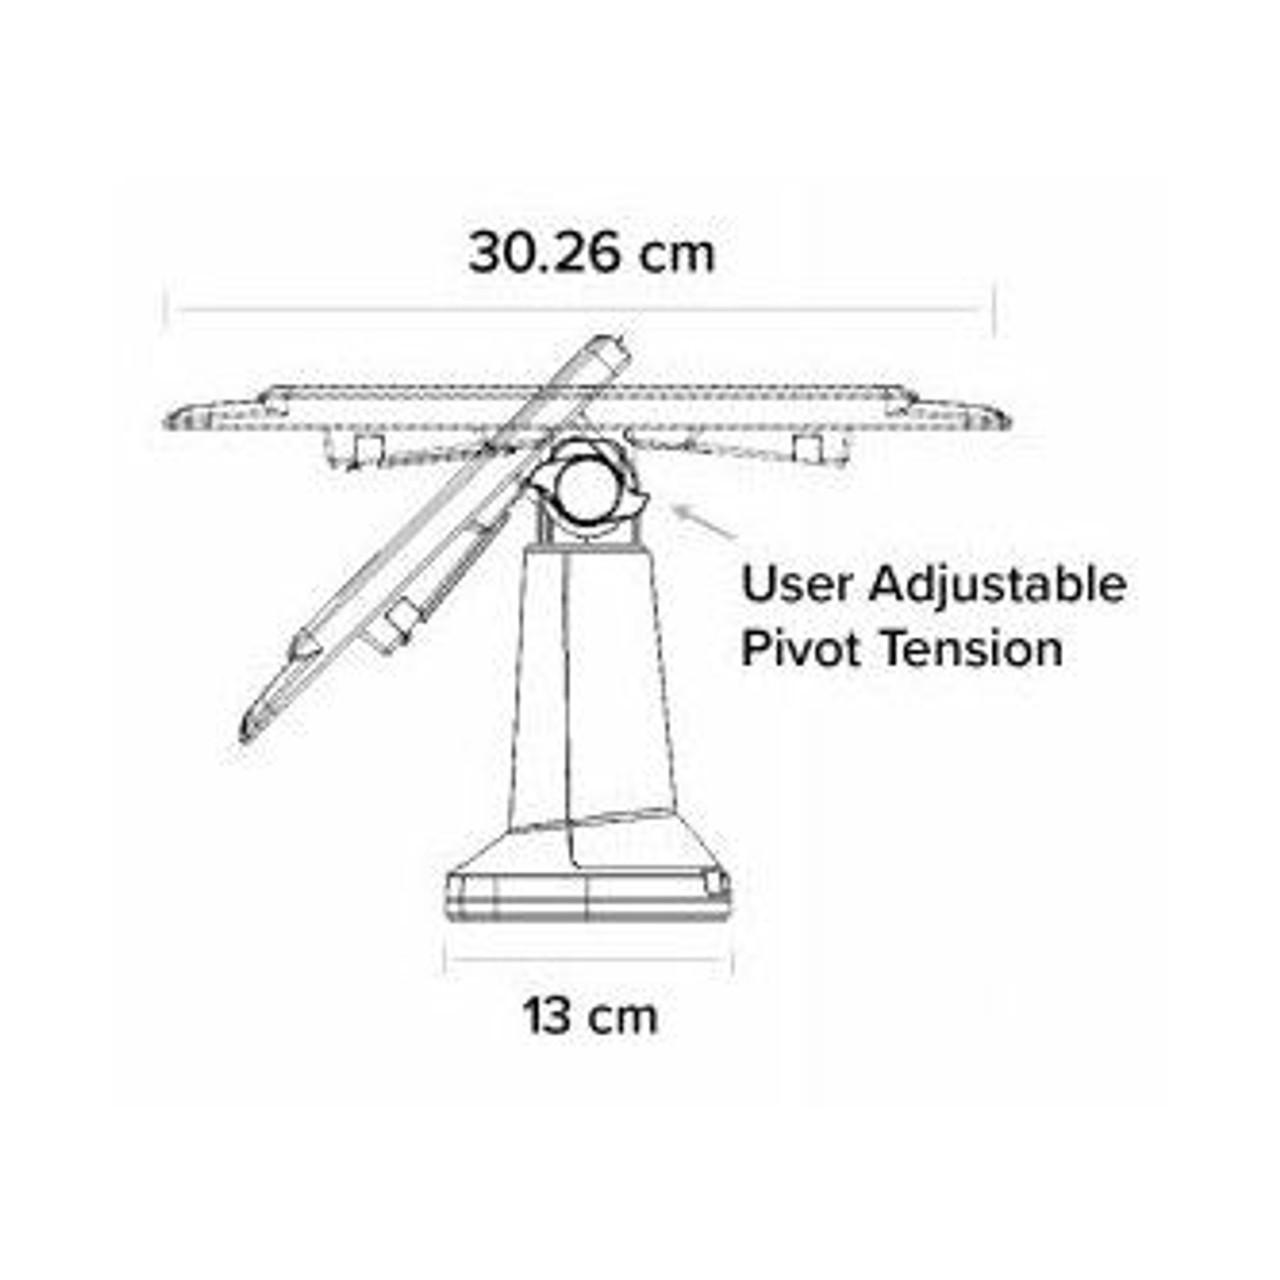 Ingenico Lane 5000 v2 Tailwind FlexiPole Plus Stand